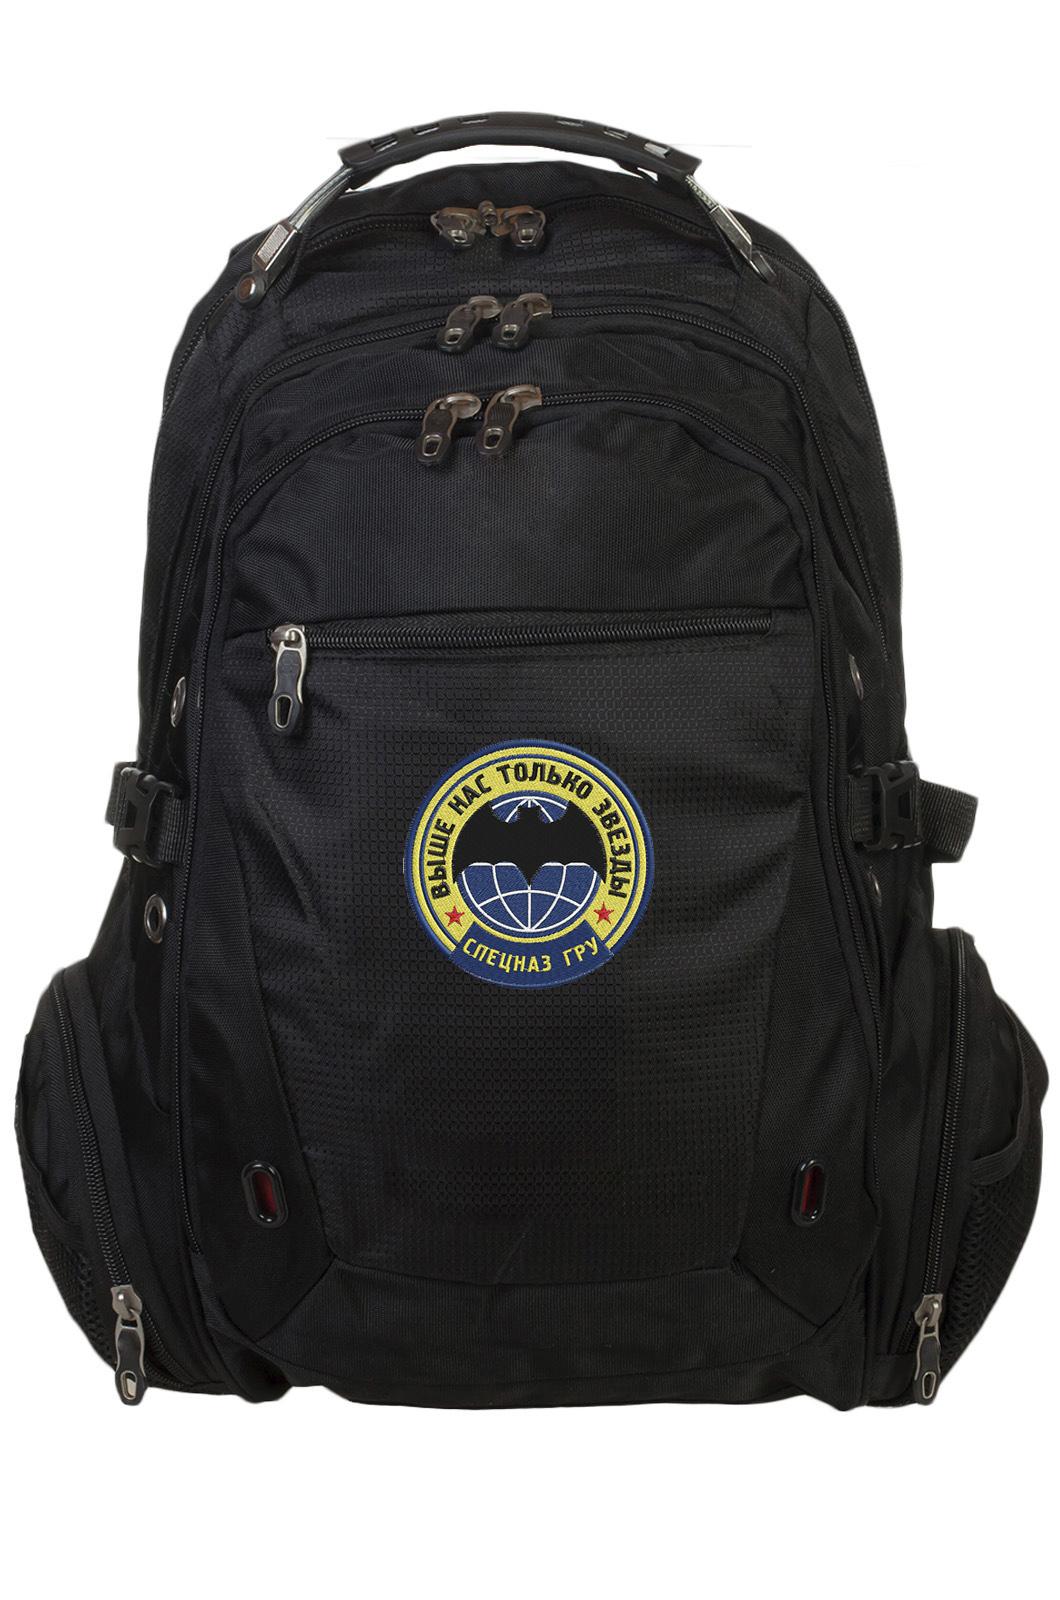 Надежный городской рюкзак с эмблемой Спецназ ГРУ